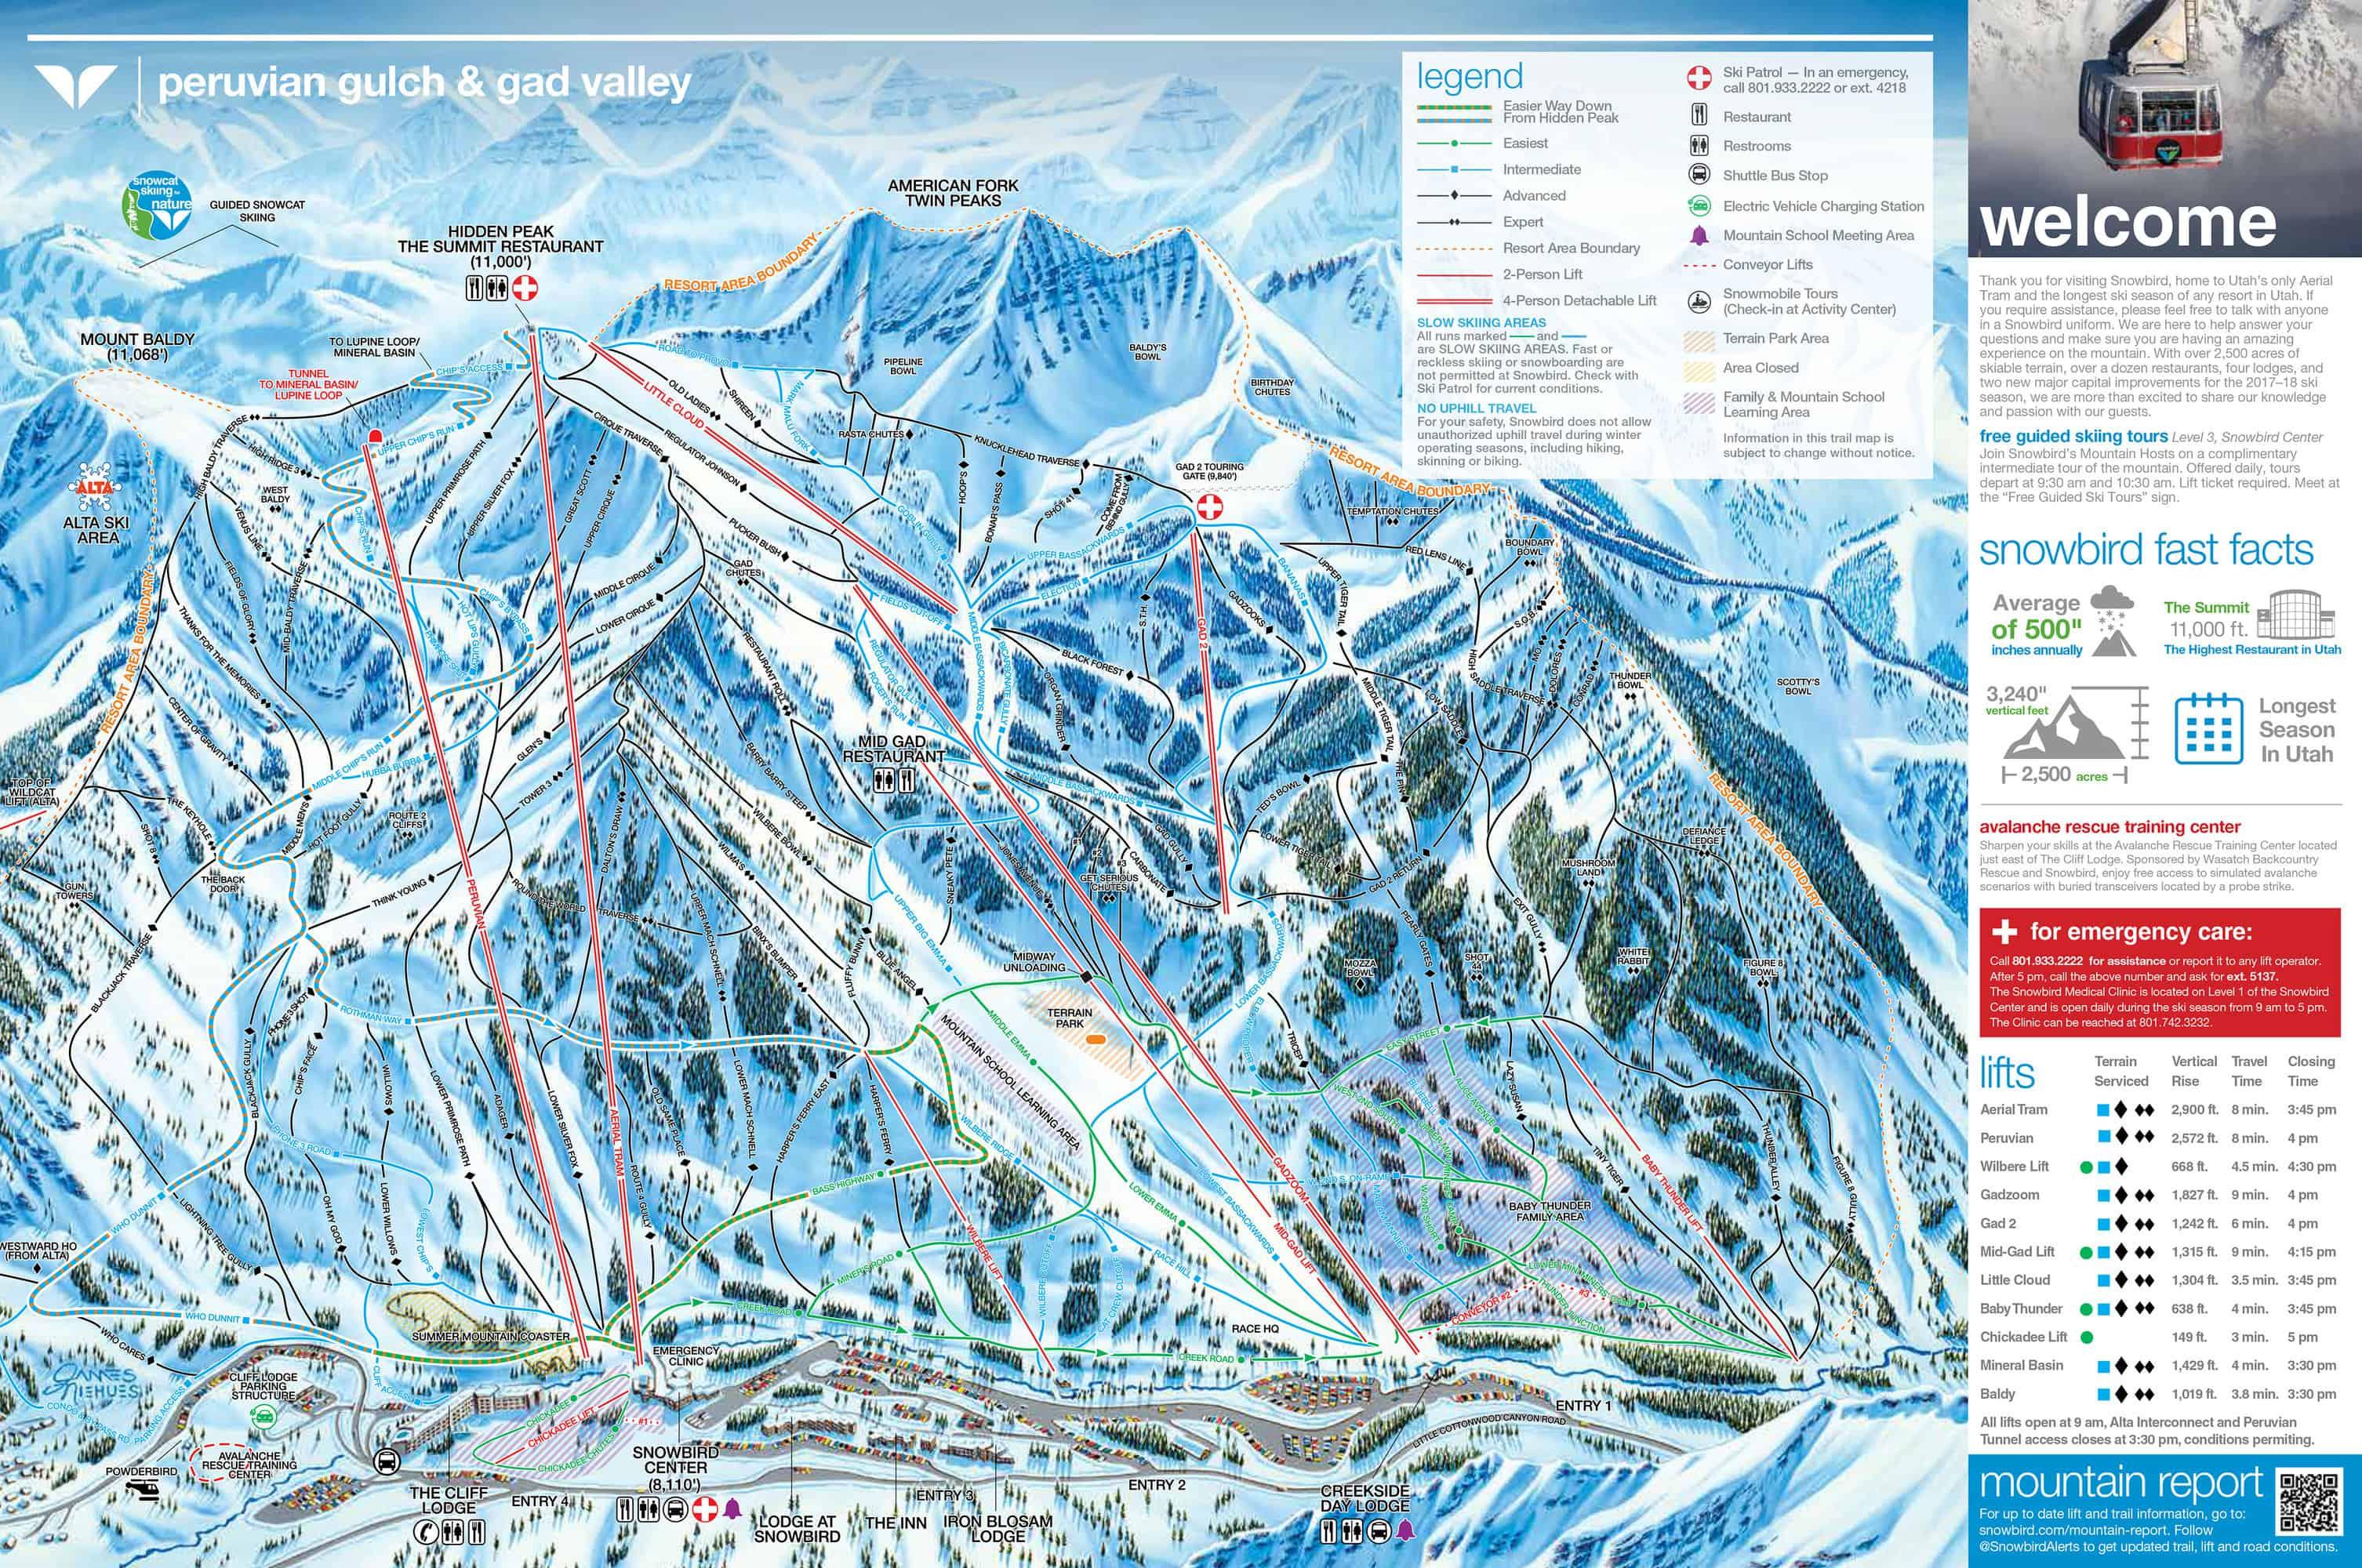 Snowbird map